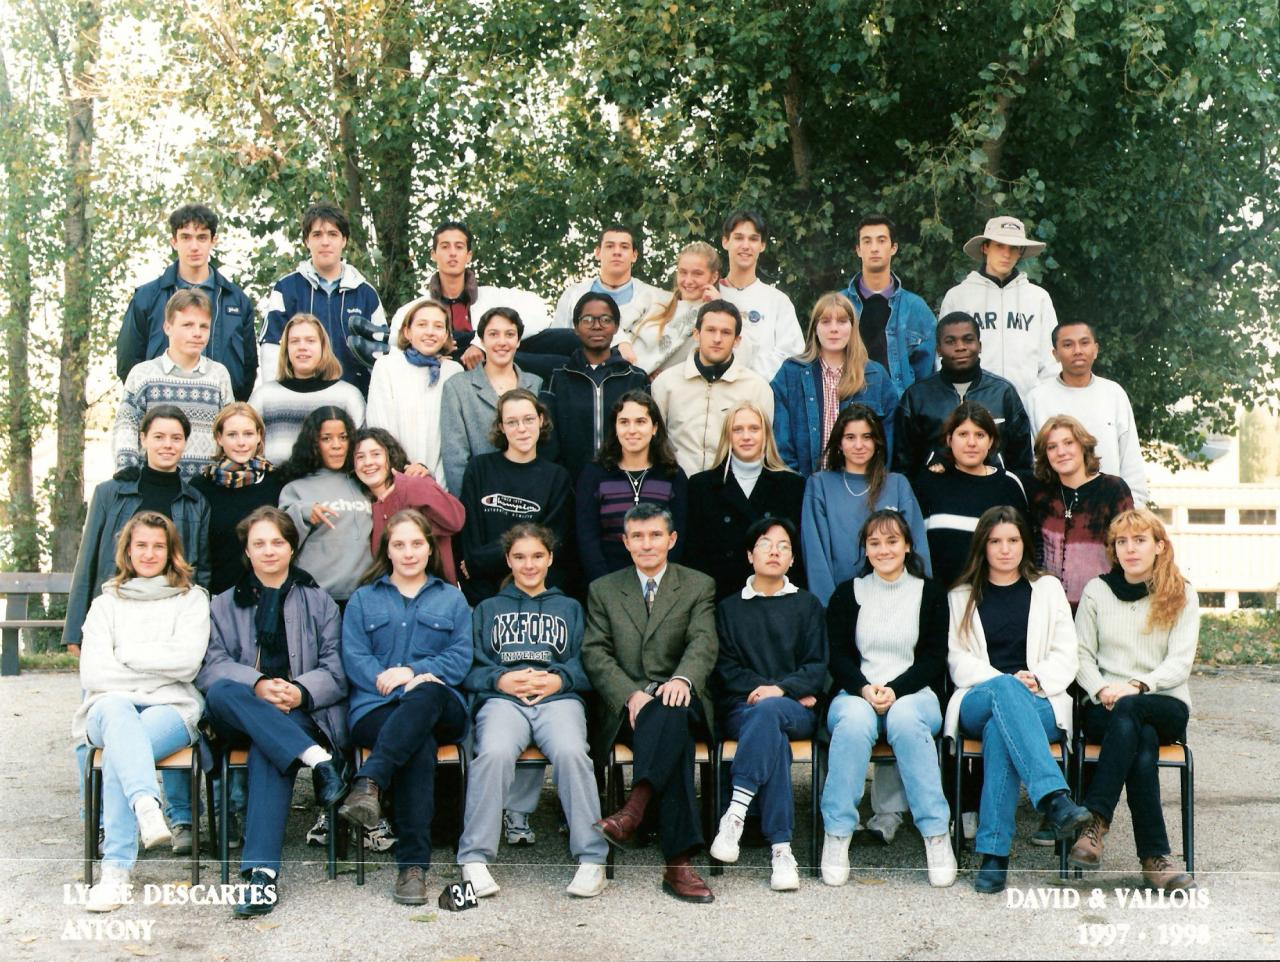 1998 - TES1 - DAVID